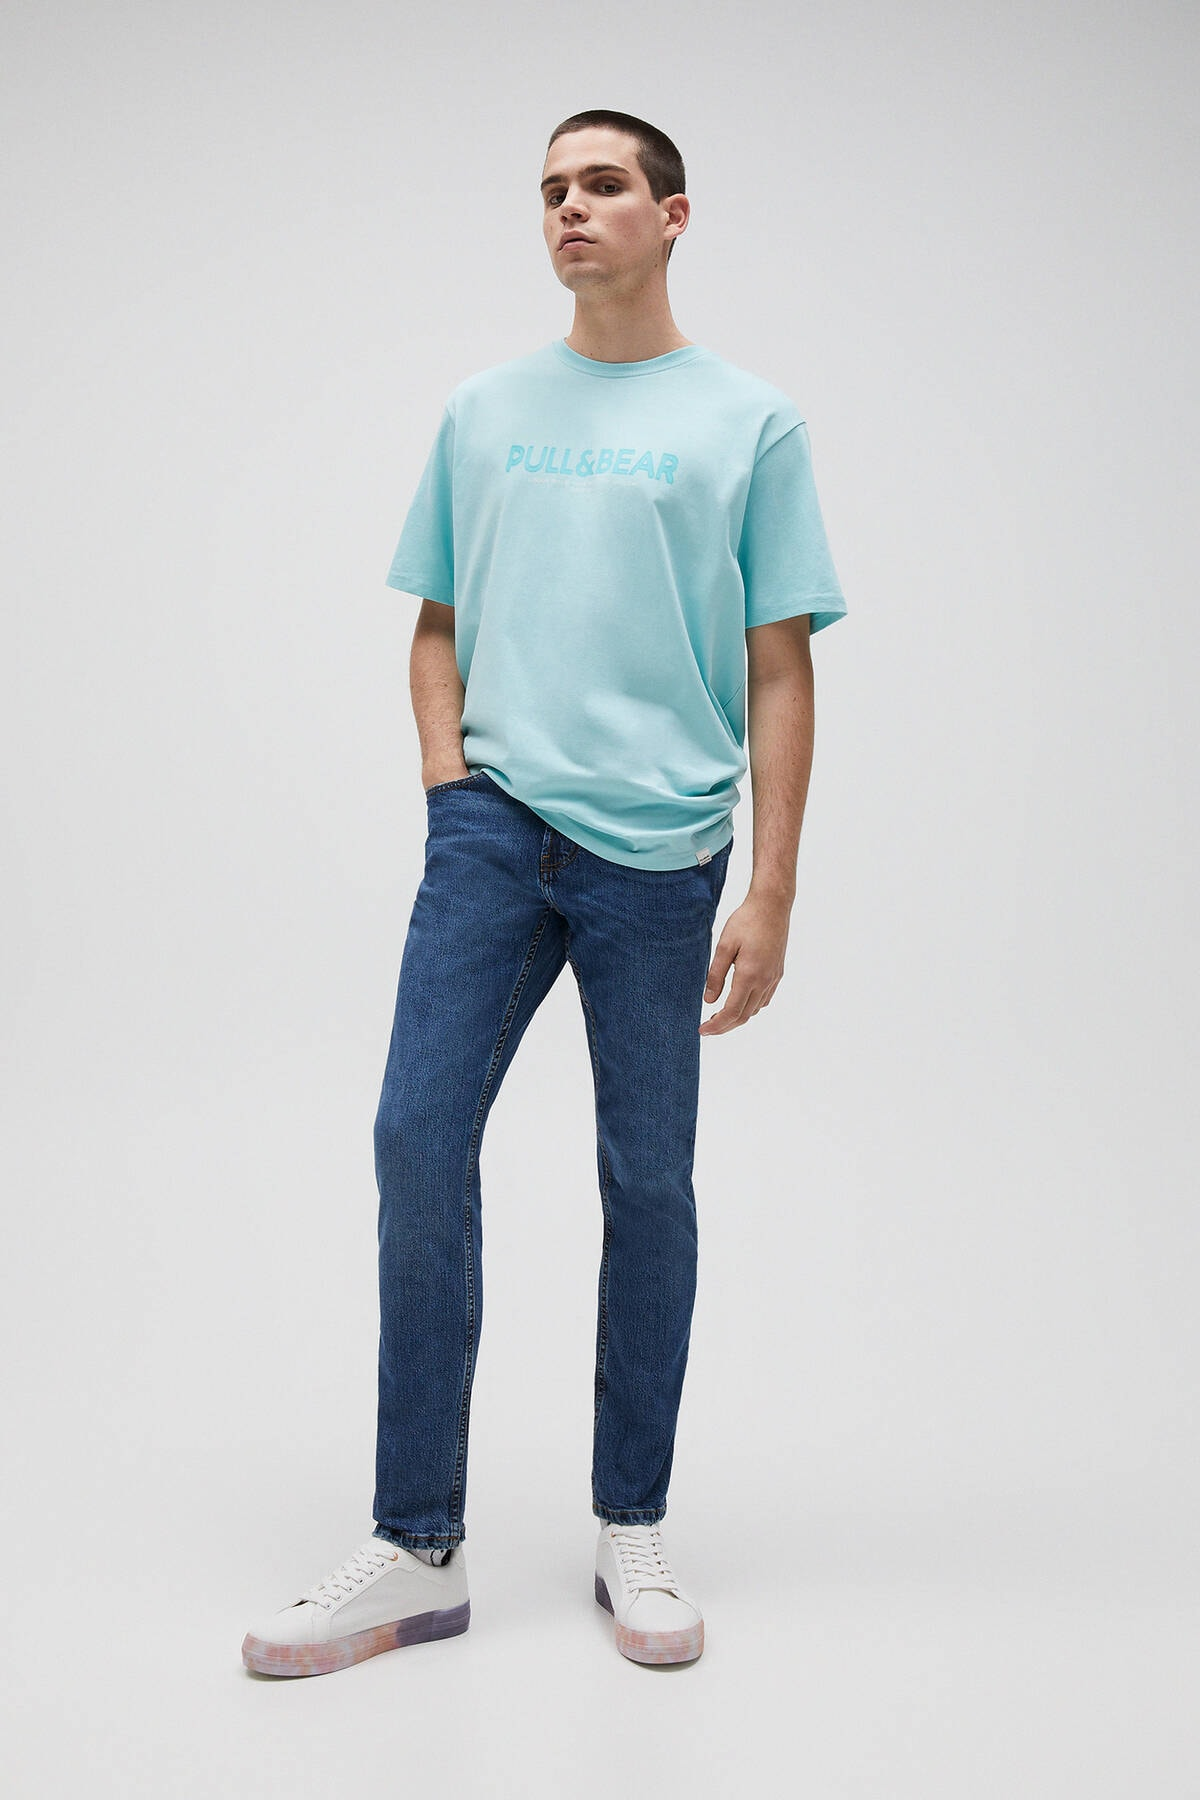 Pull & Bear Erkek Açık Yeşil Logolu Basic Sloganlı T-Shirt 04241706 1